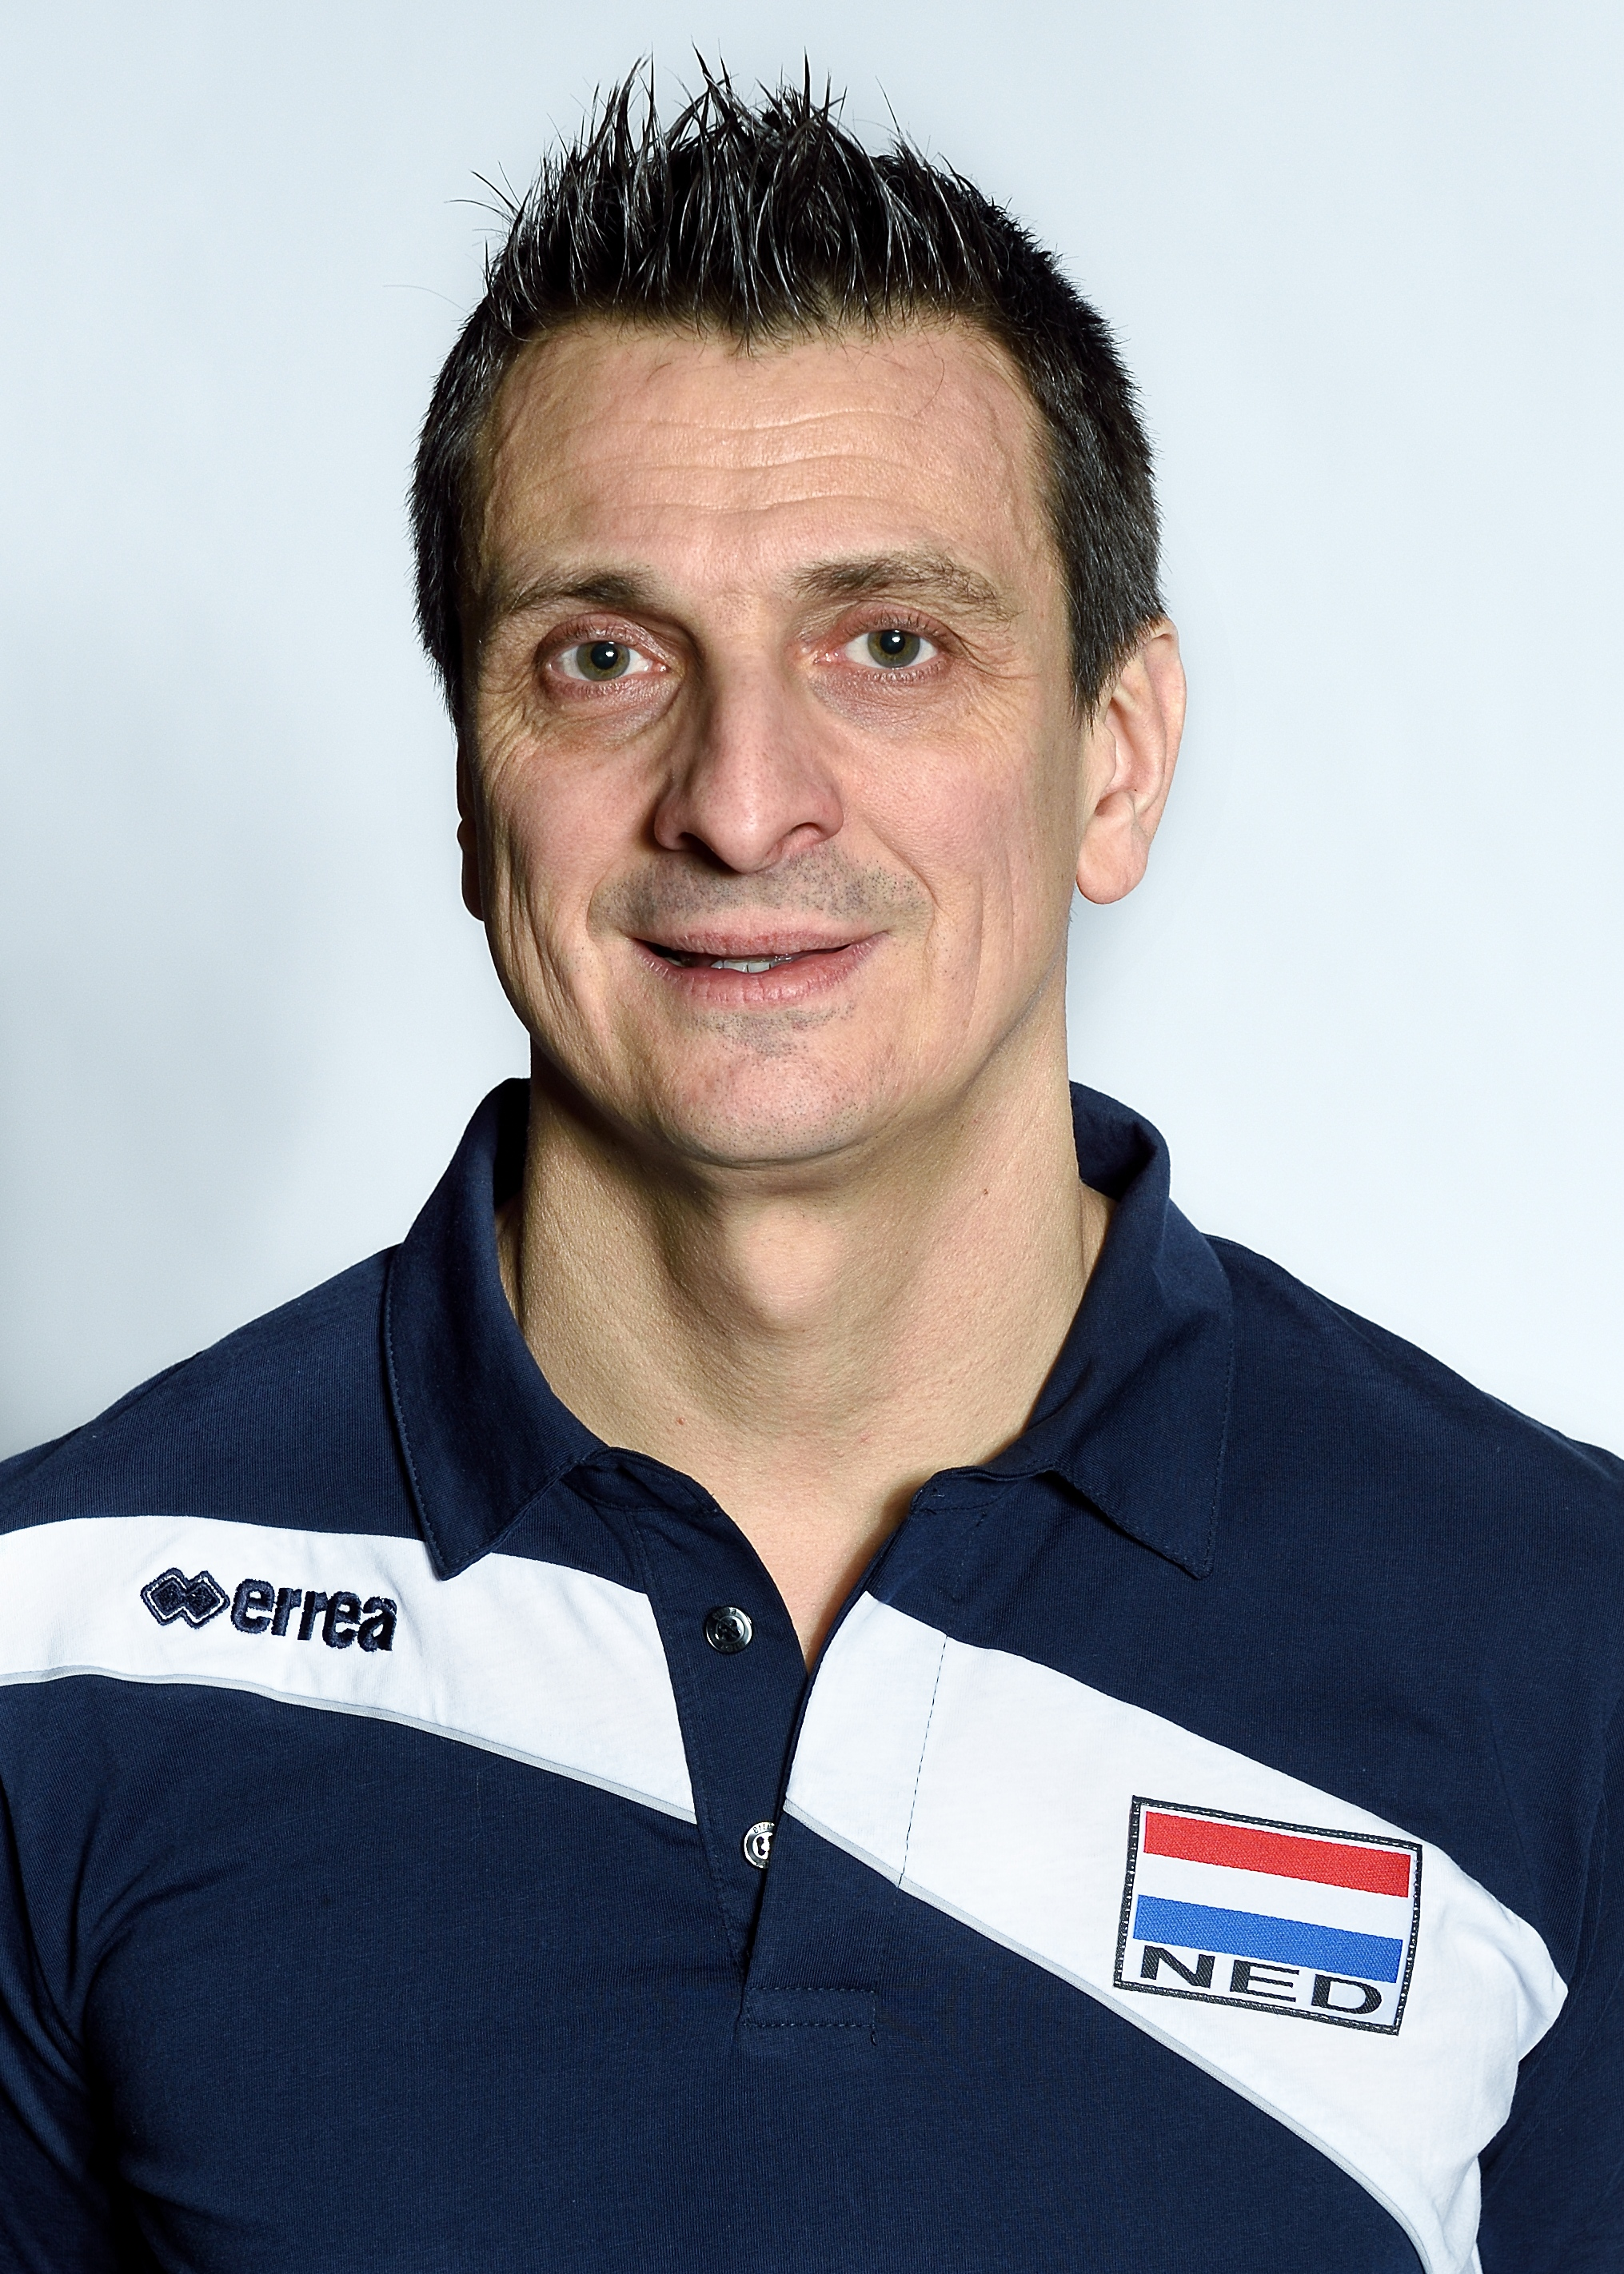 Giovanni Guidetti